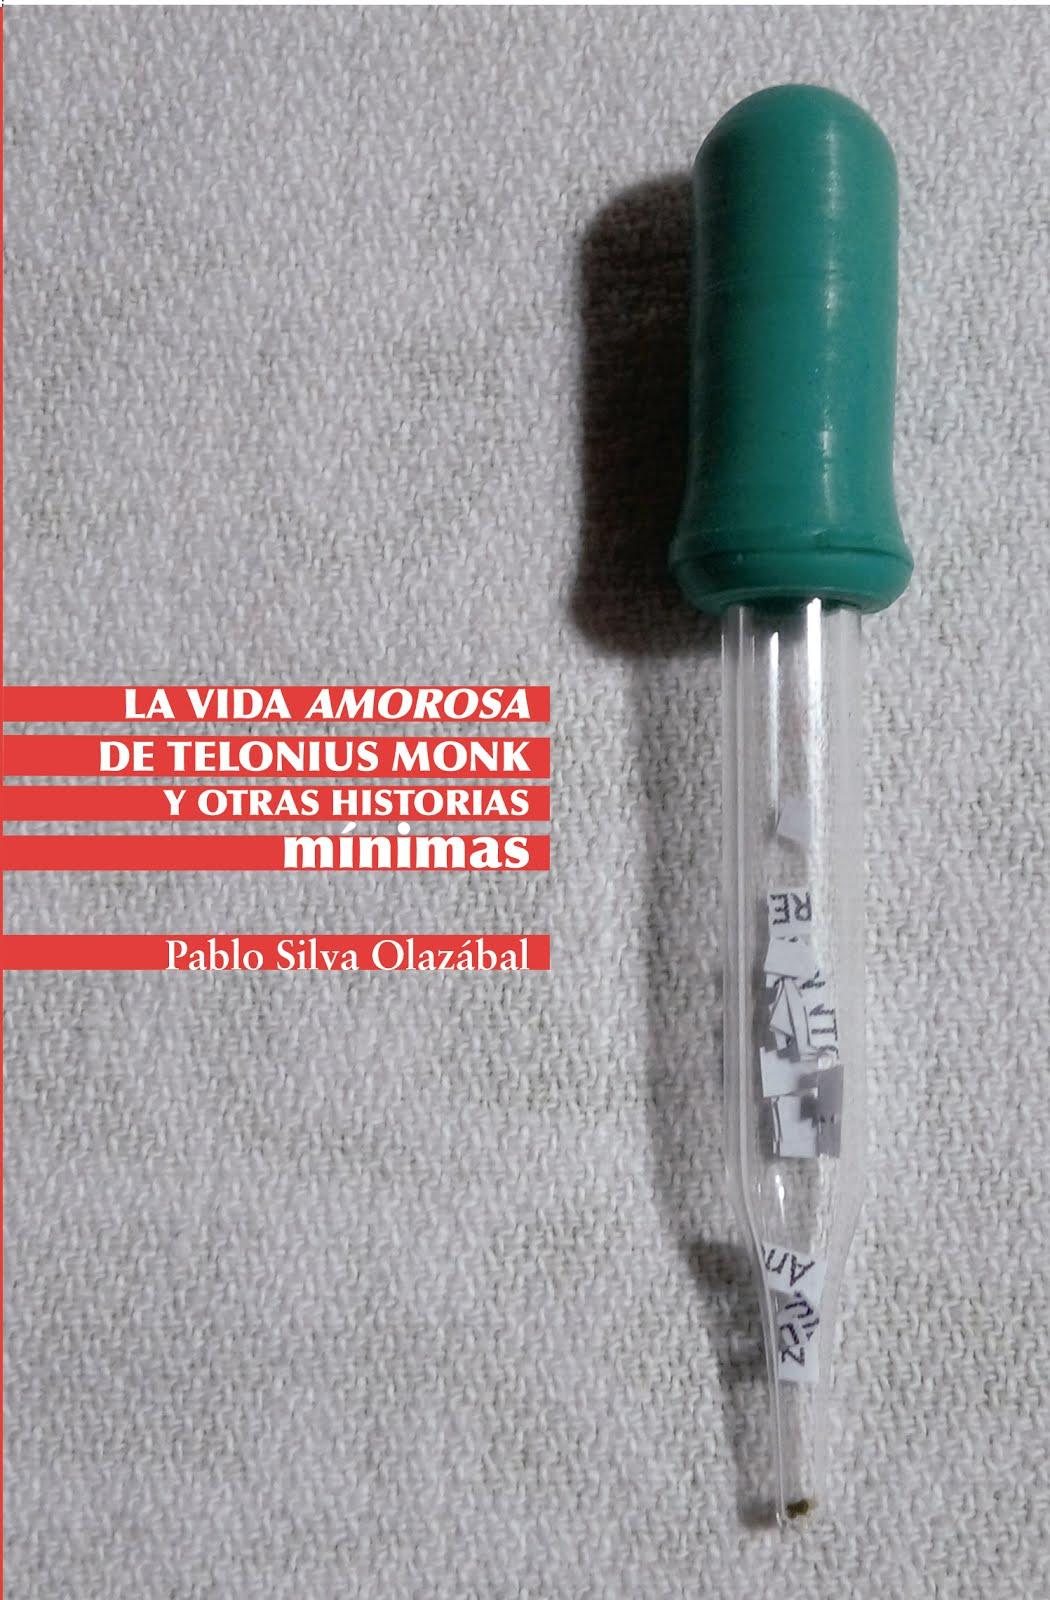 La vida amorosa de Telonius Monk y otras historias mínimas